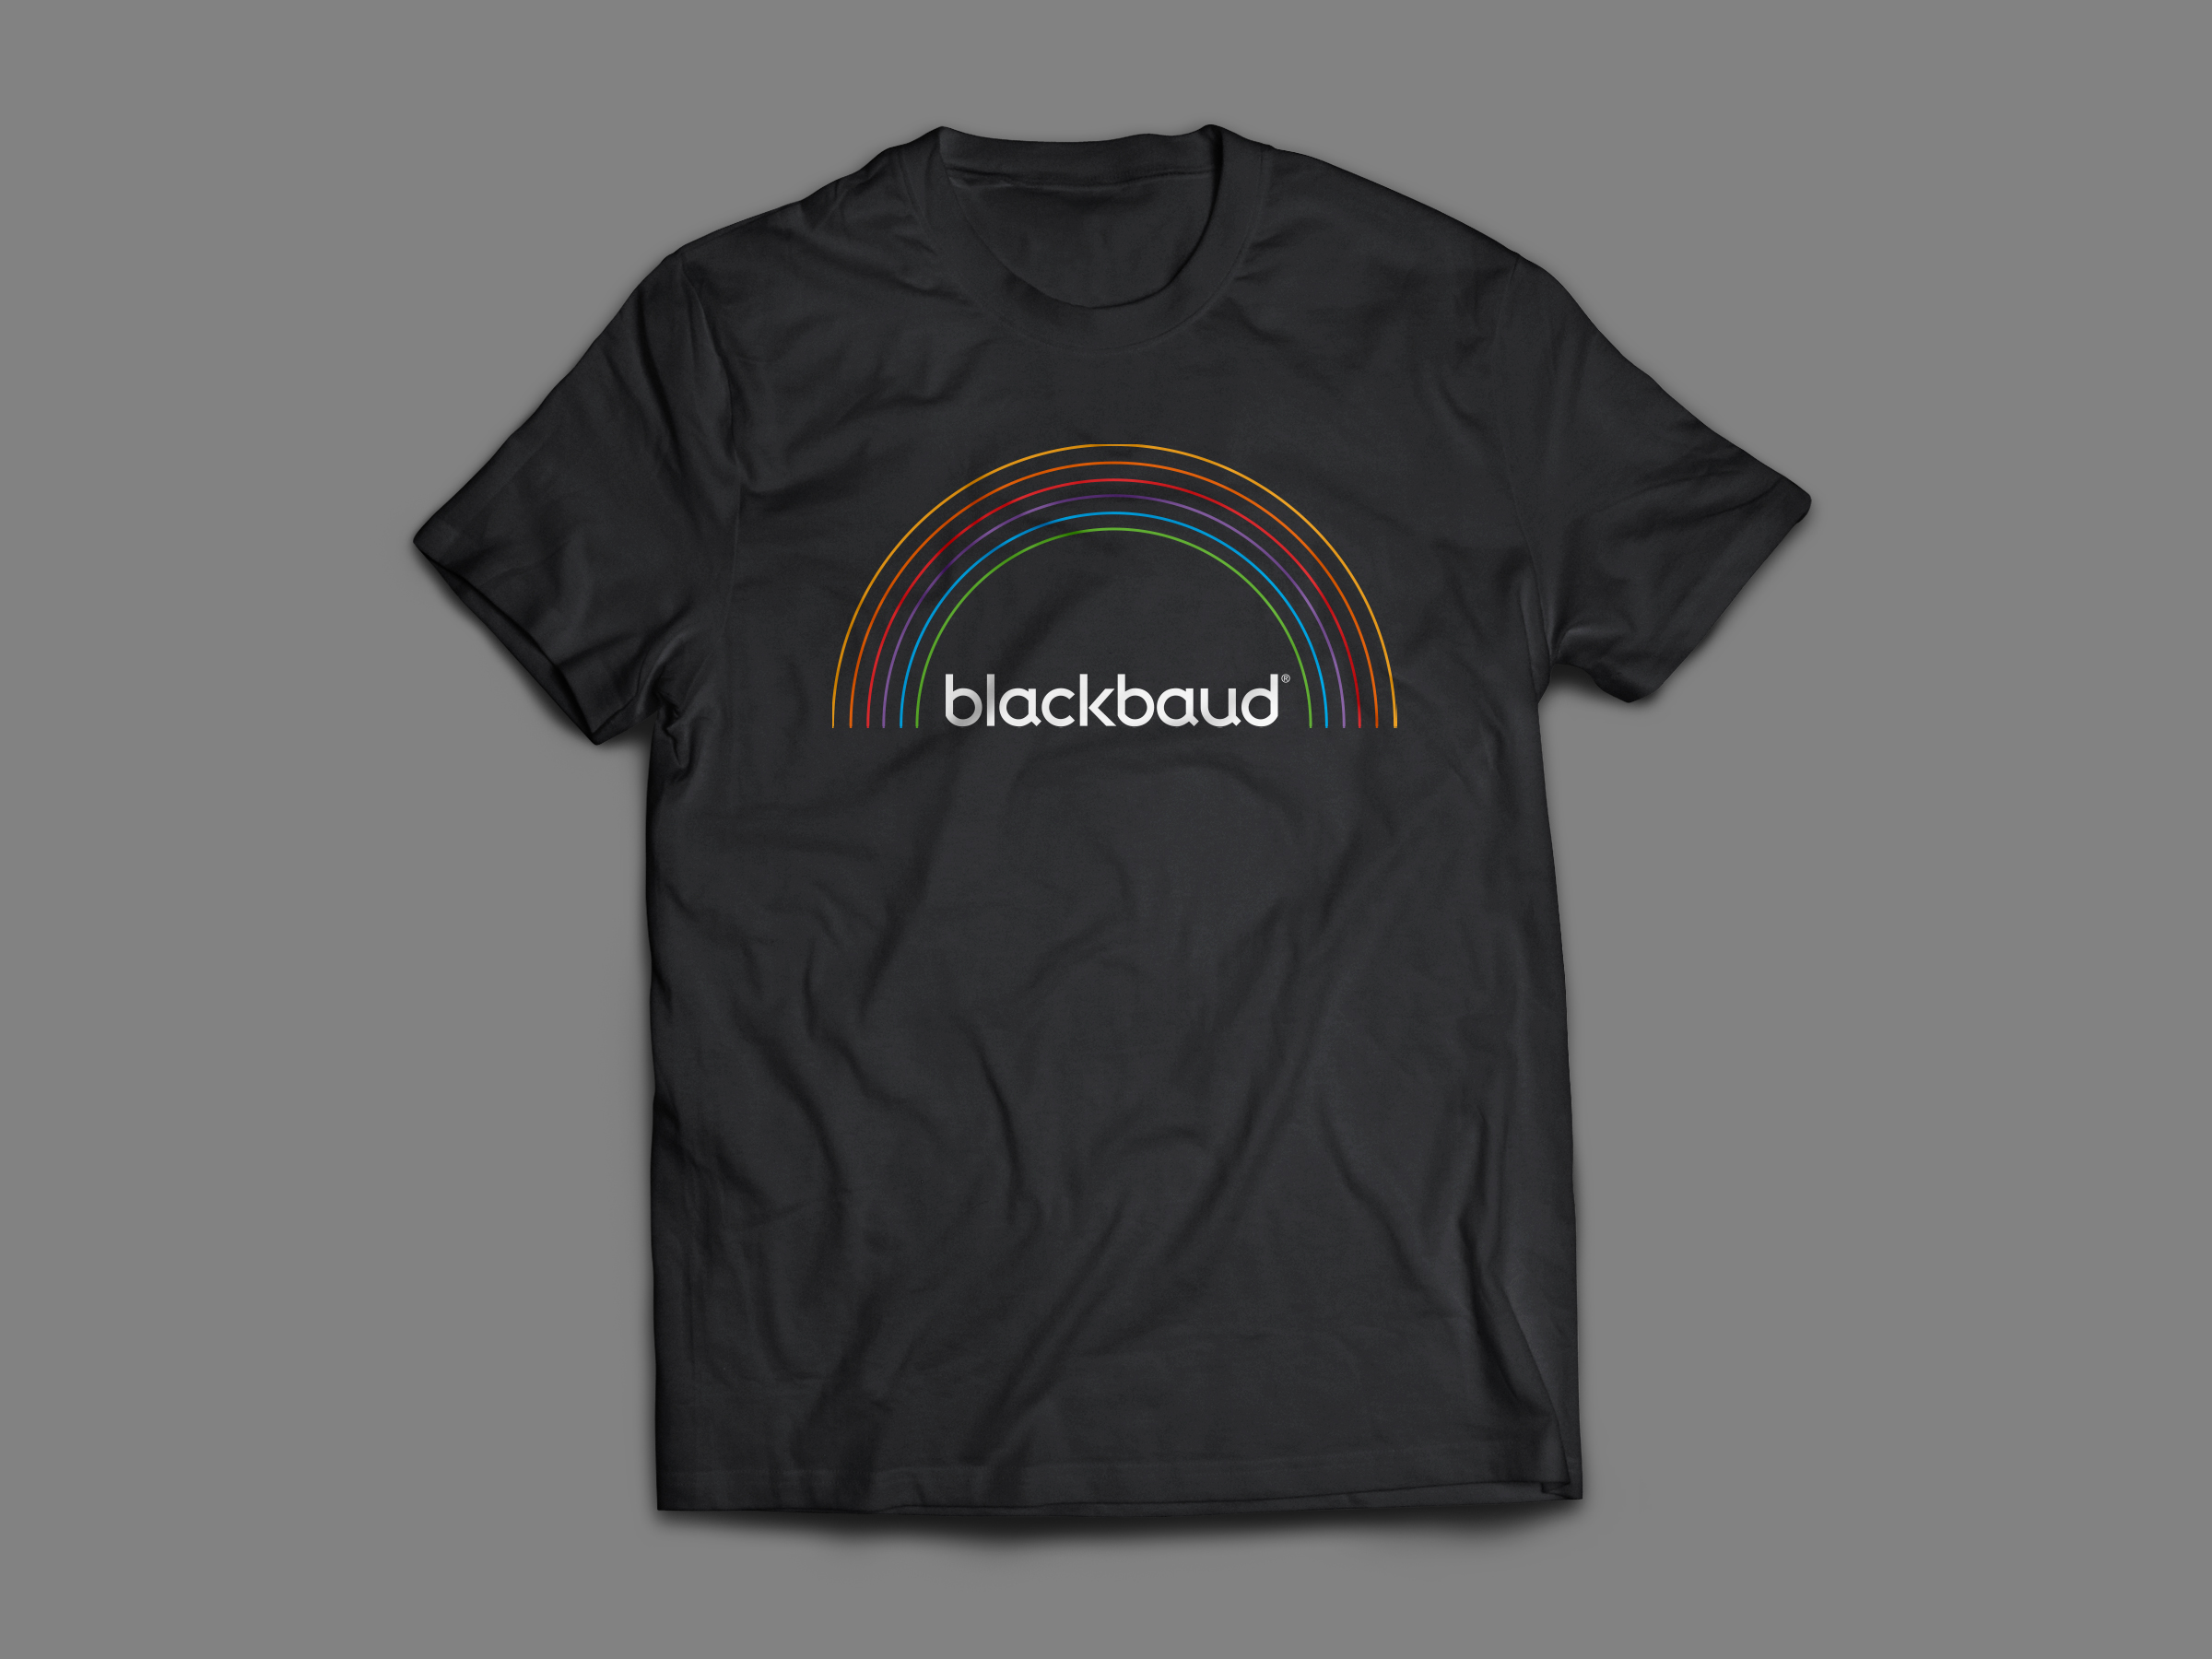 Blackbaud pride shirt